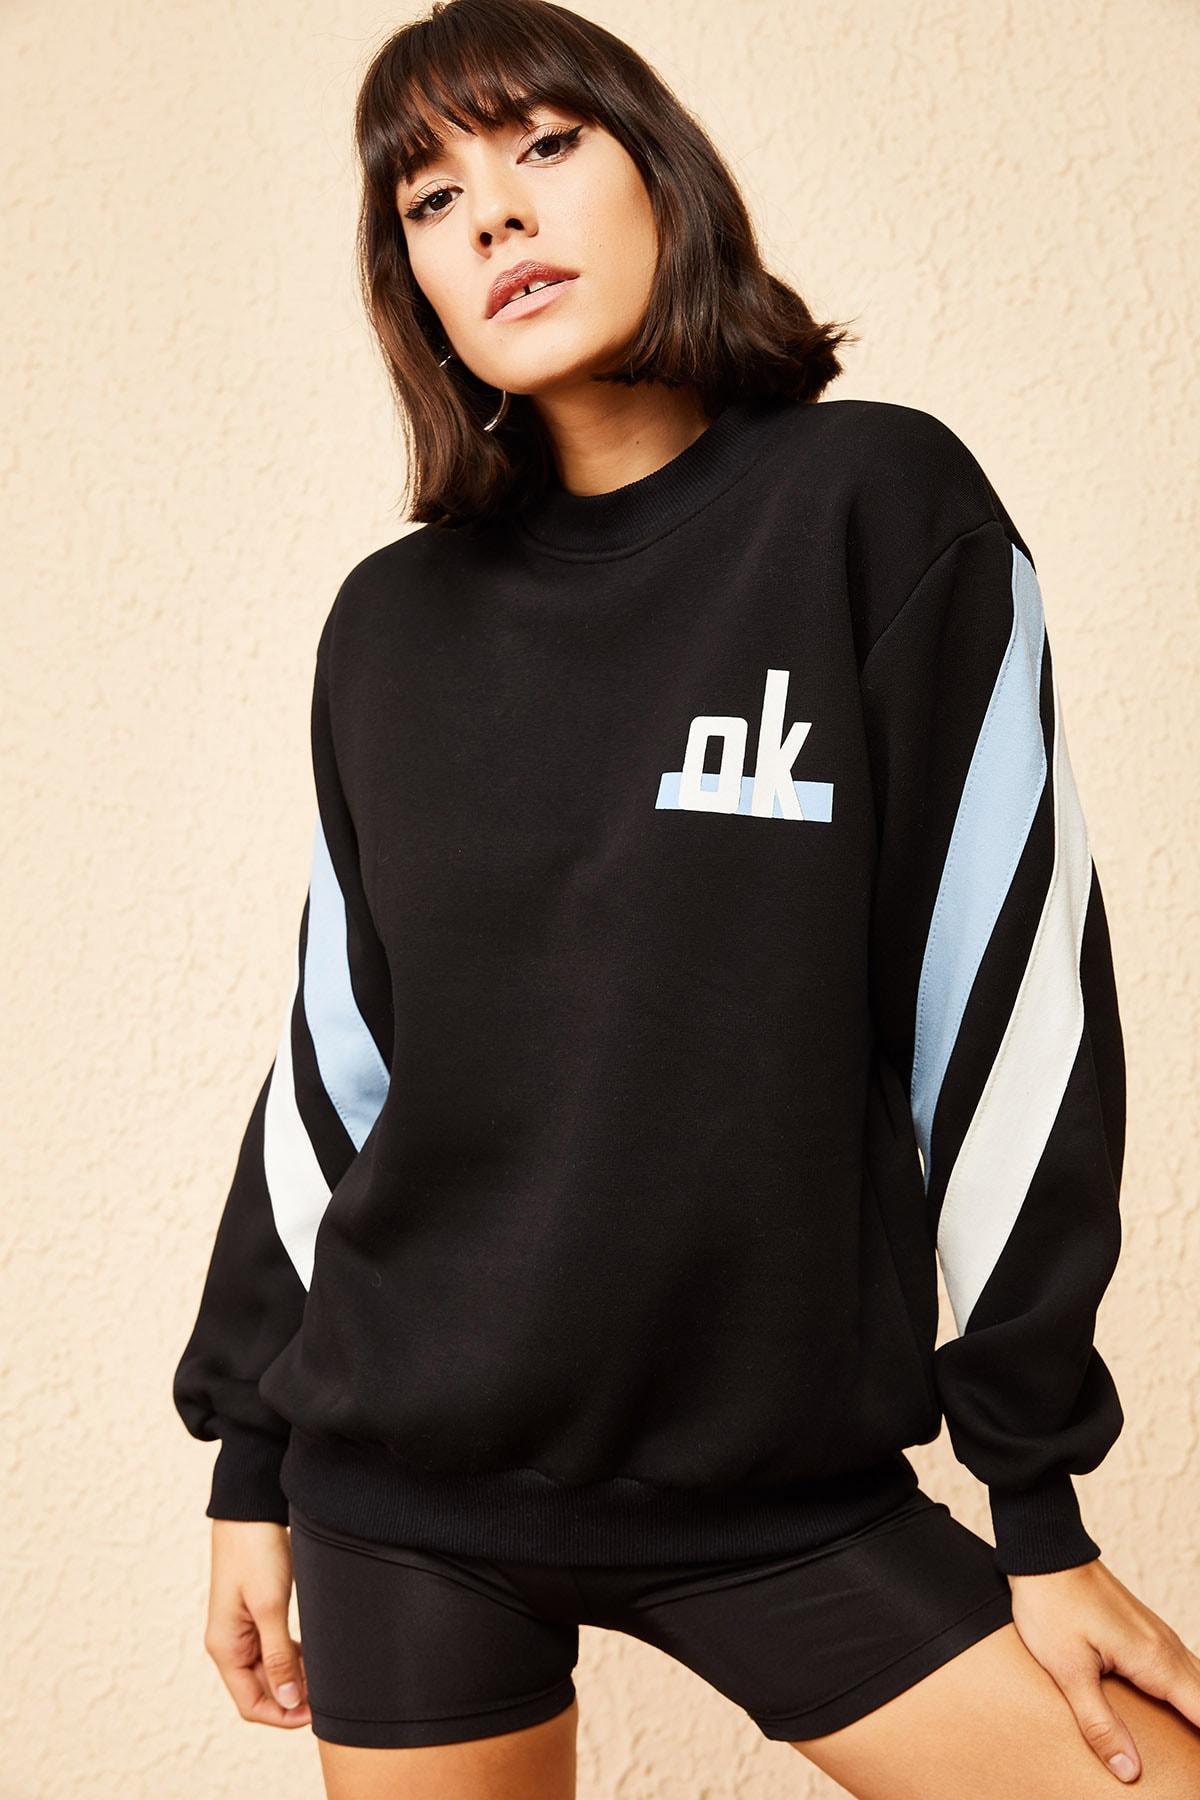 Bianco Lucci Kadın Siyah Ok Baskılı 3 İplik Sweatshirt 10161009